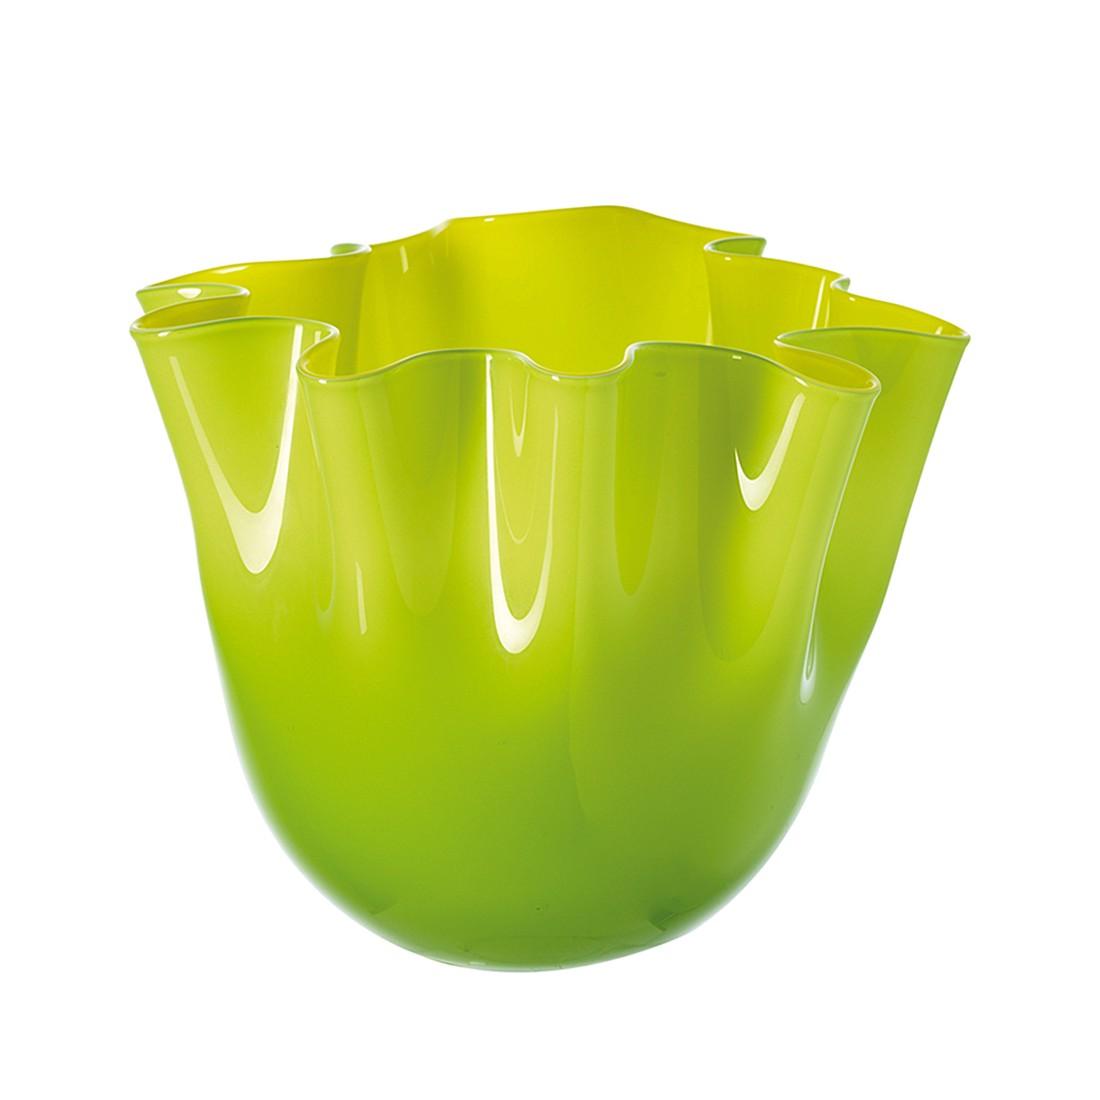 vase lia 21 cm gelb gr n leonardo m ln 000934. Black Bedroom Furniture Sets. Home Design Ideas